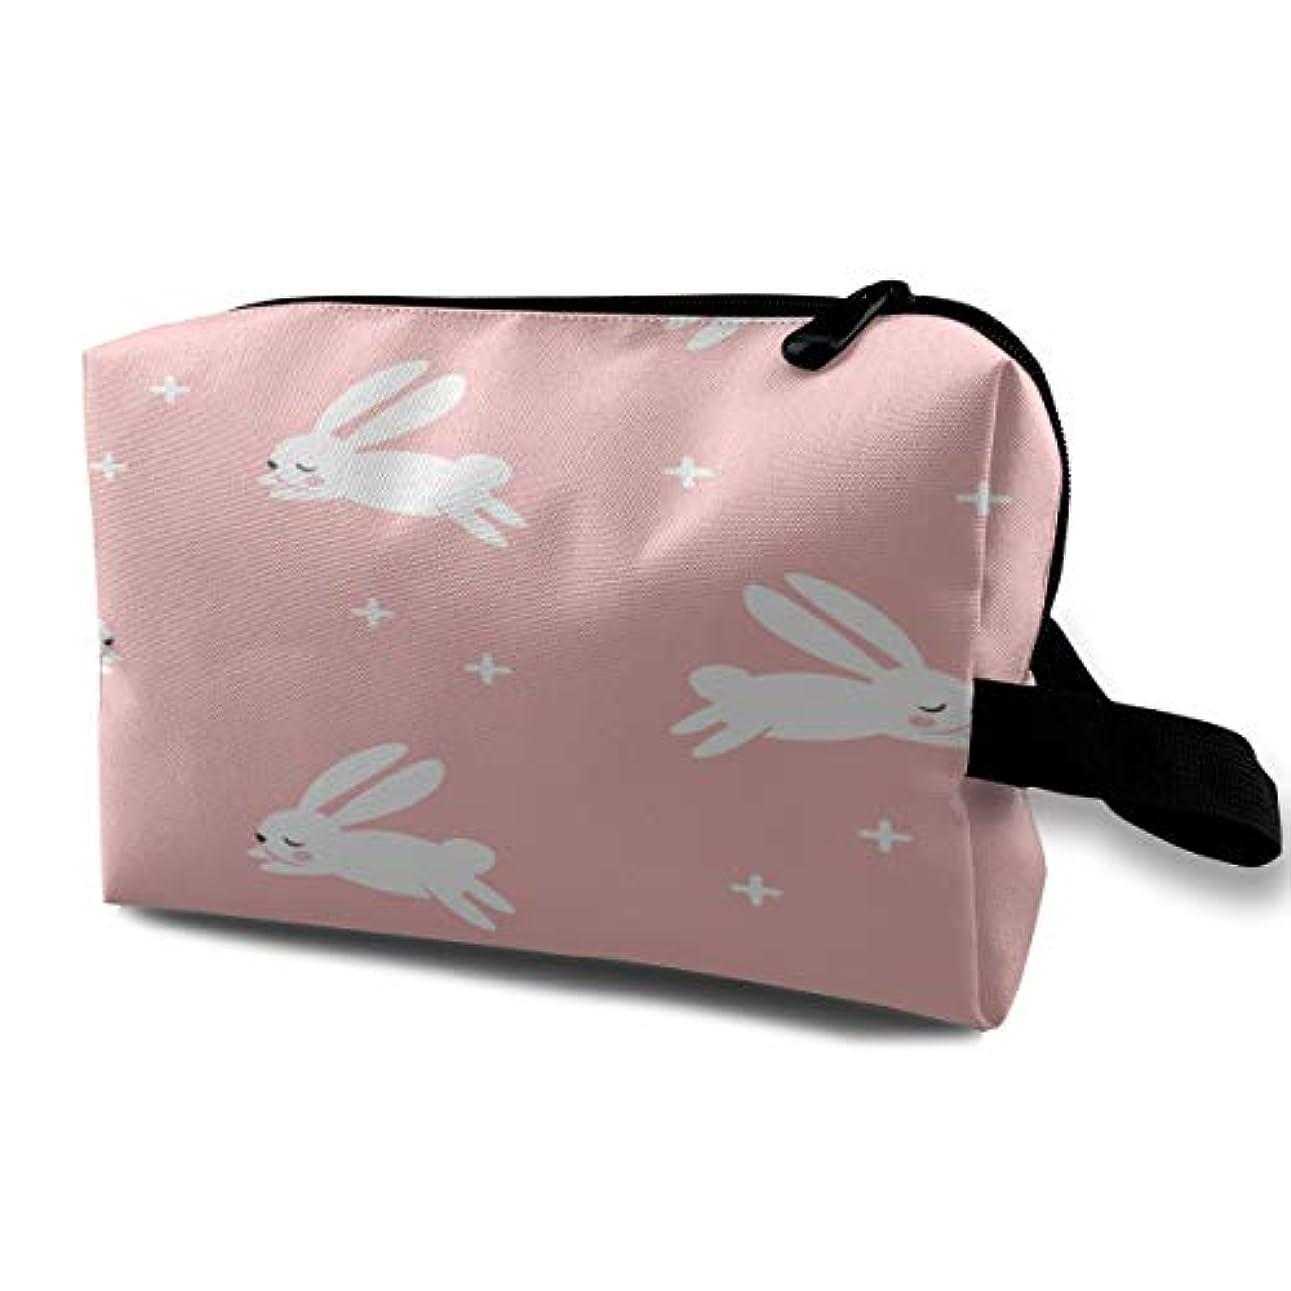 失敗小説家アーネストシャクルトンBunnies Little Arrow Modern Pink Easter Rabbit 収納ポーチ 化粧ポーチ 大容量 軽量 耐久性 ハンドル付持ち運び便利。入れ 自宅?出張?旅行?アウトドア撮影などに対応。メンズ レディース トラベルグッズ